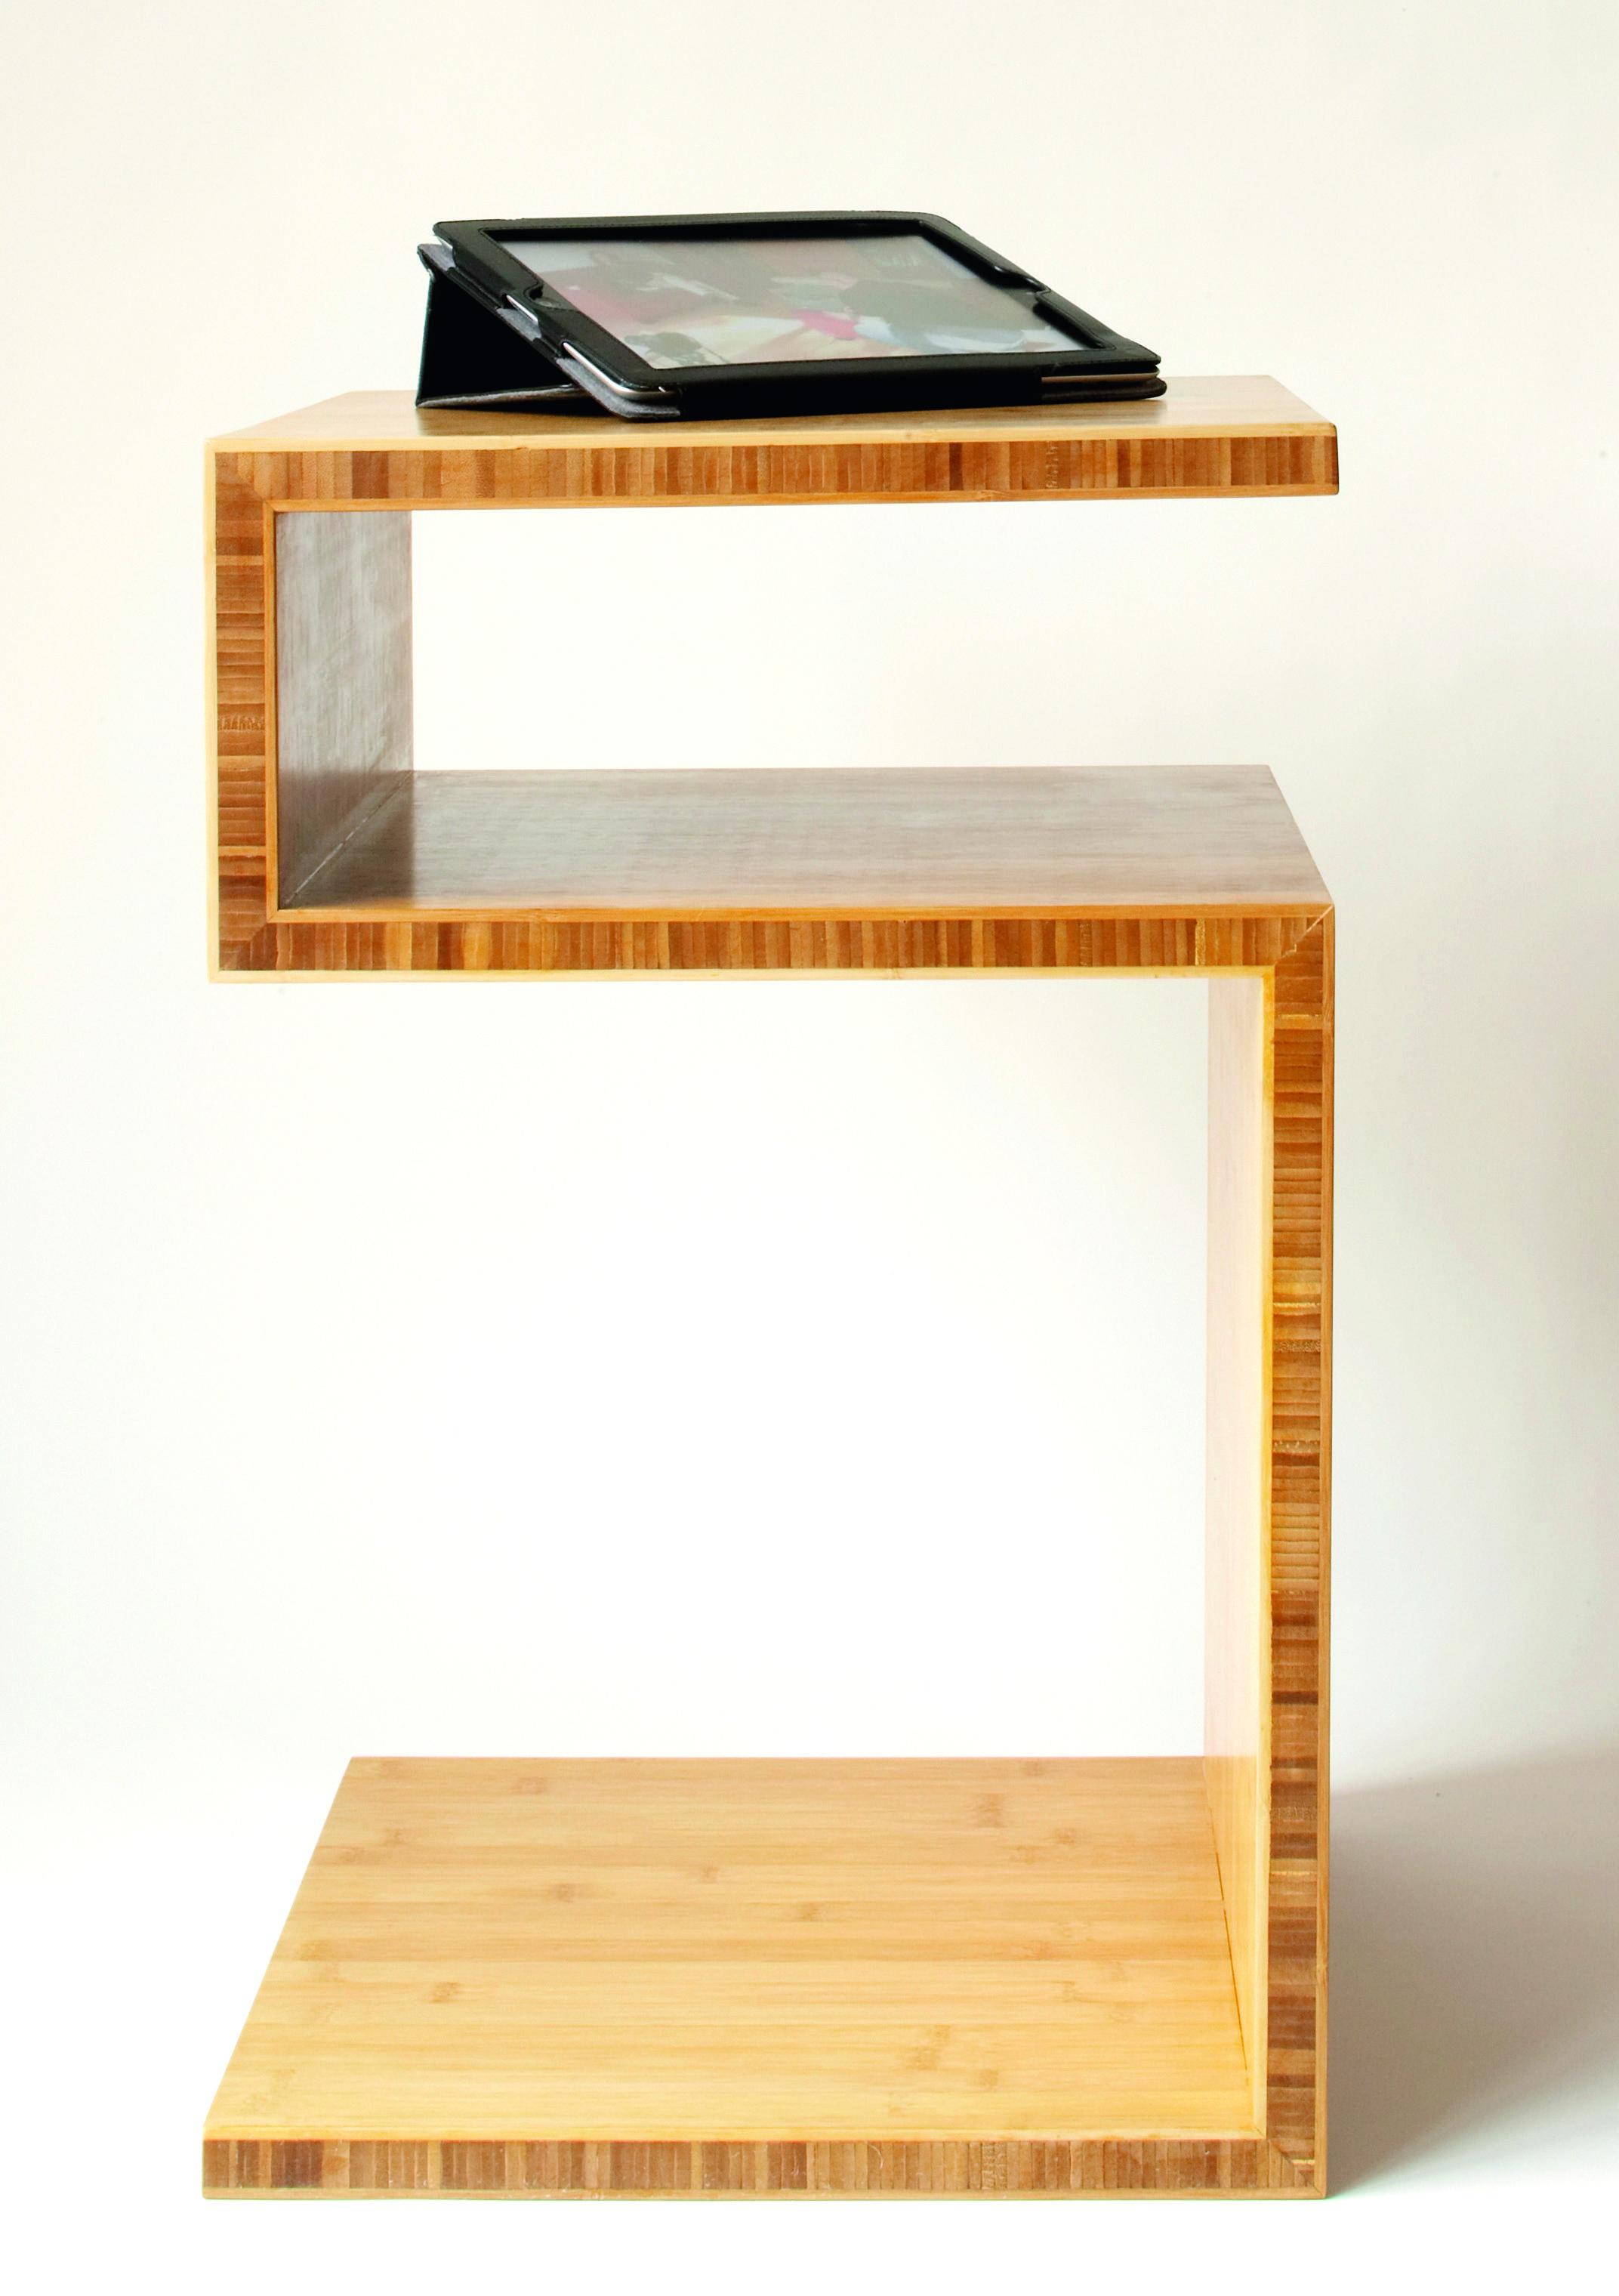 beistelltisch aus bambusplatte | selber machen heimwerkermagazin